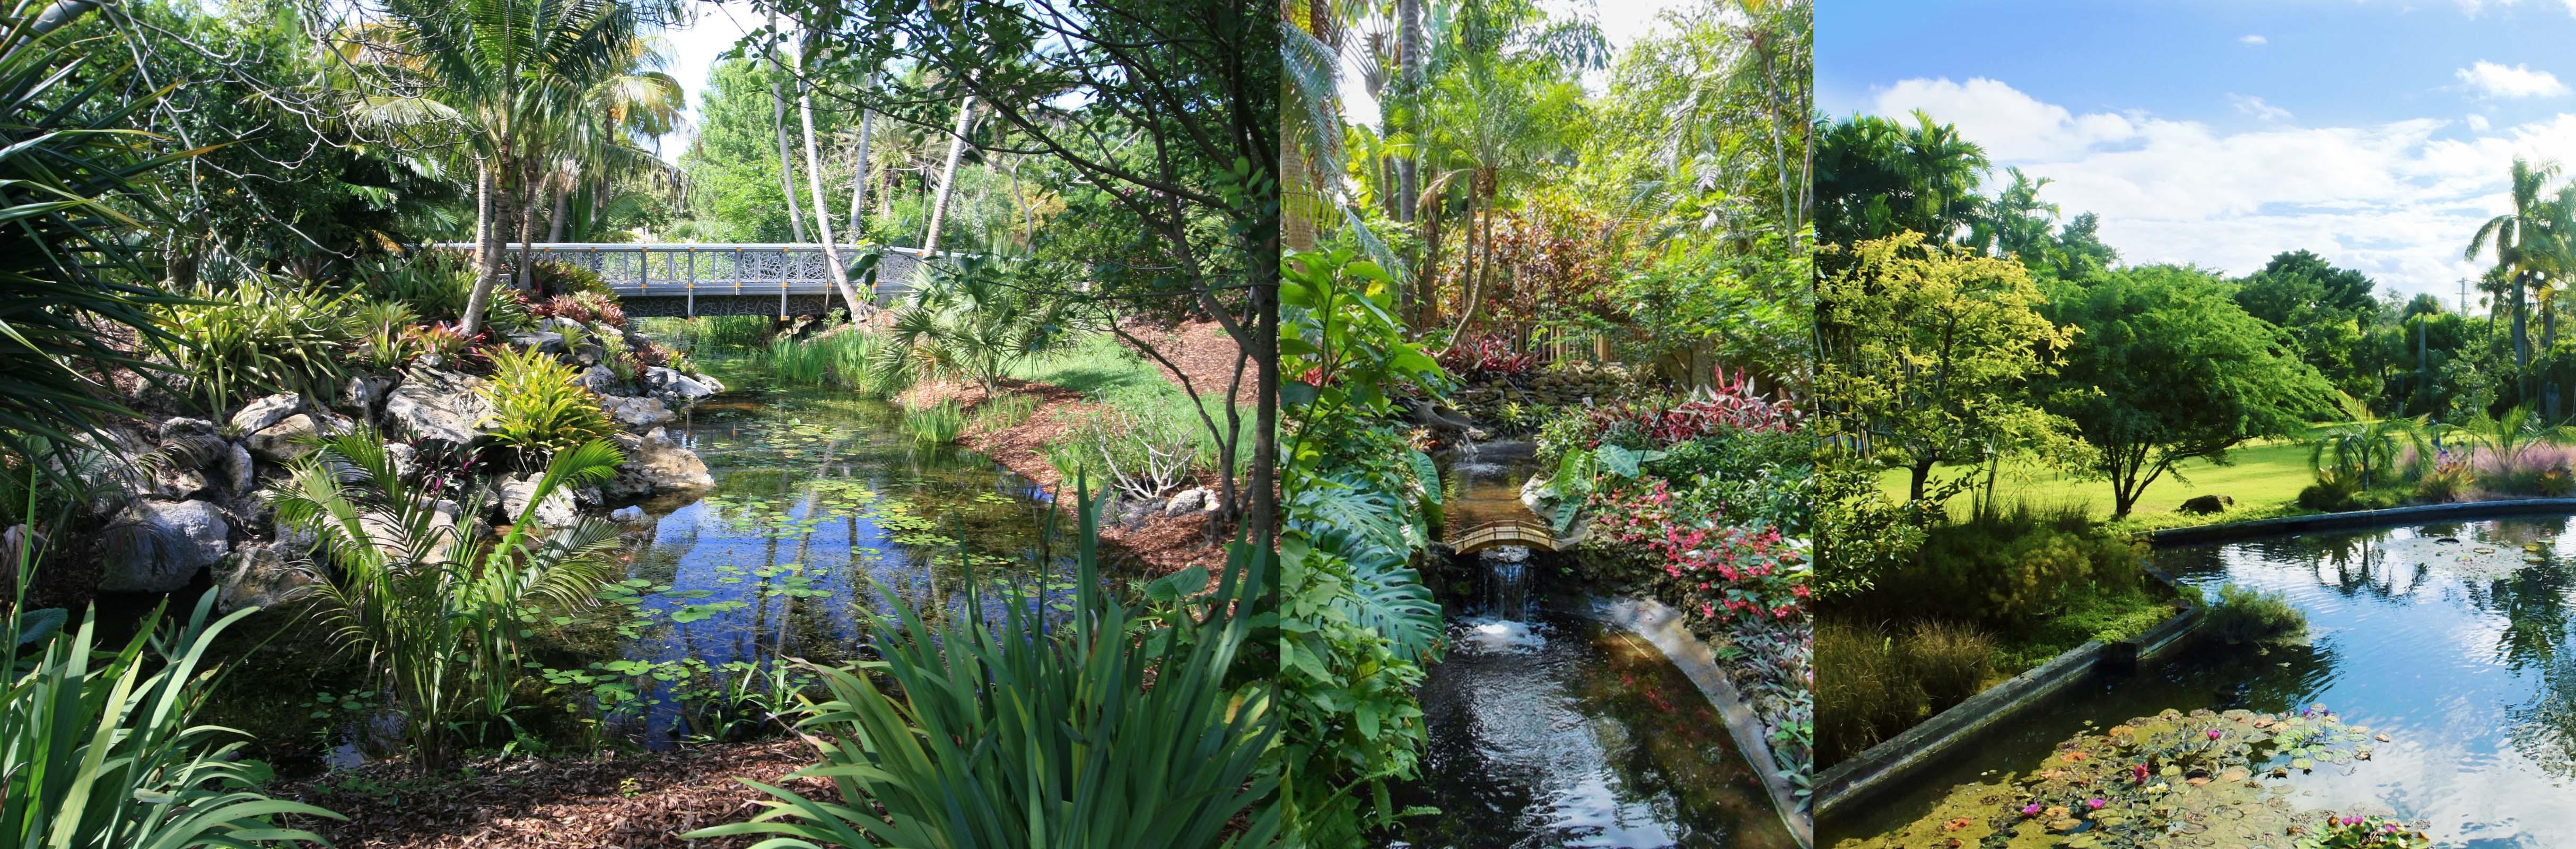 miami beach botanical gardens - venues